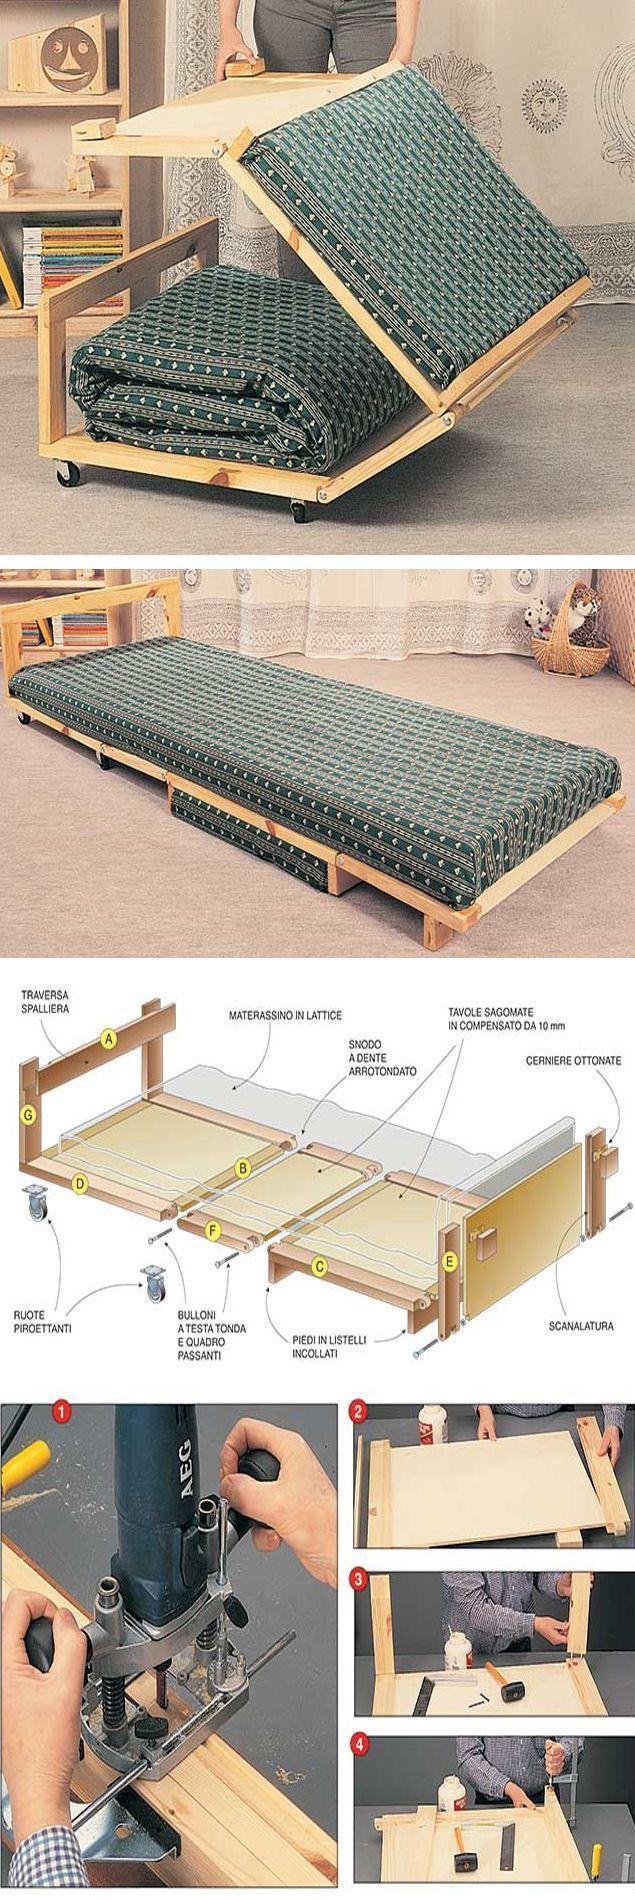 Un letto pouf #faidate, #salvaspazio e pratico – Wood Design